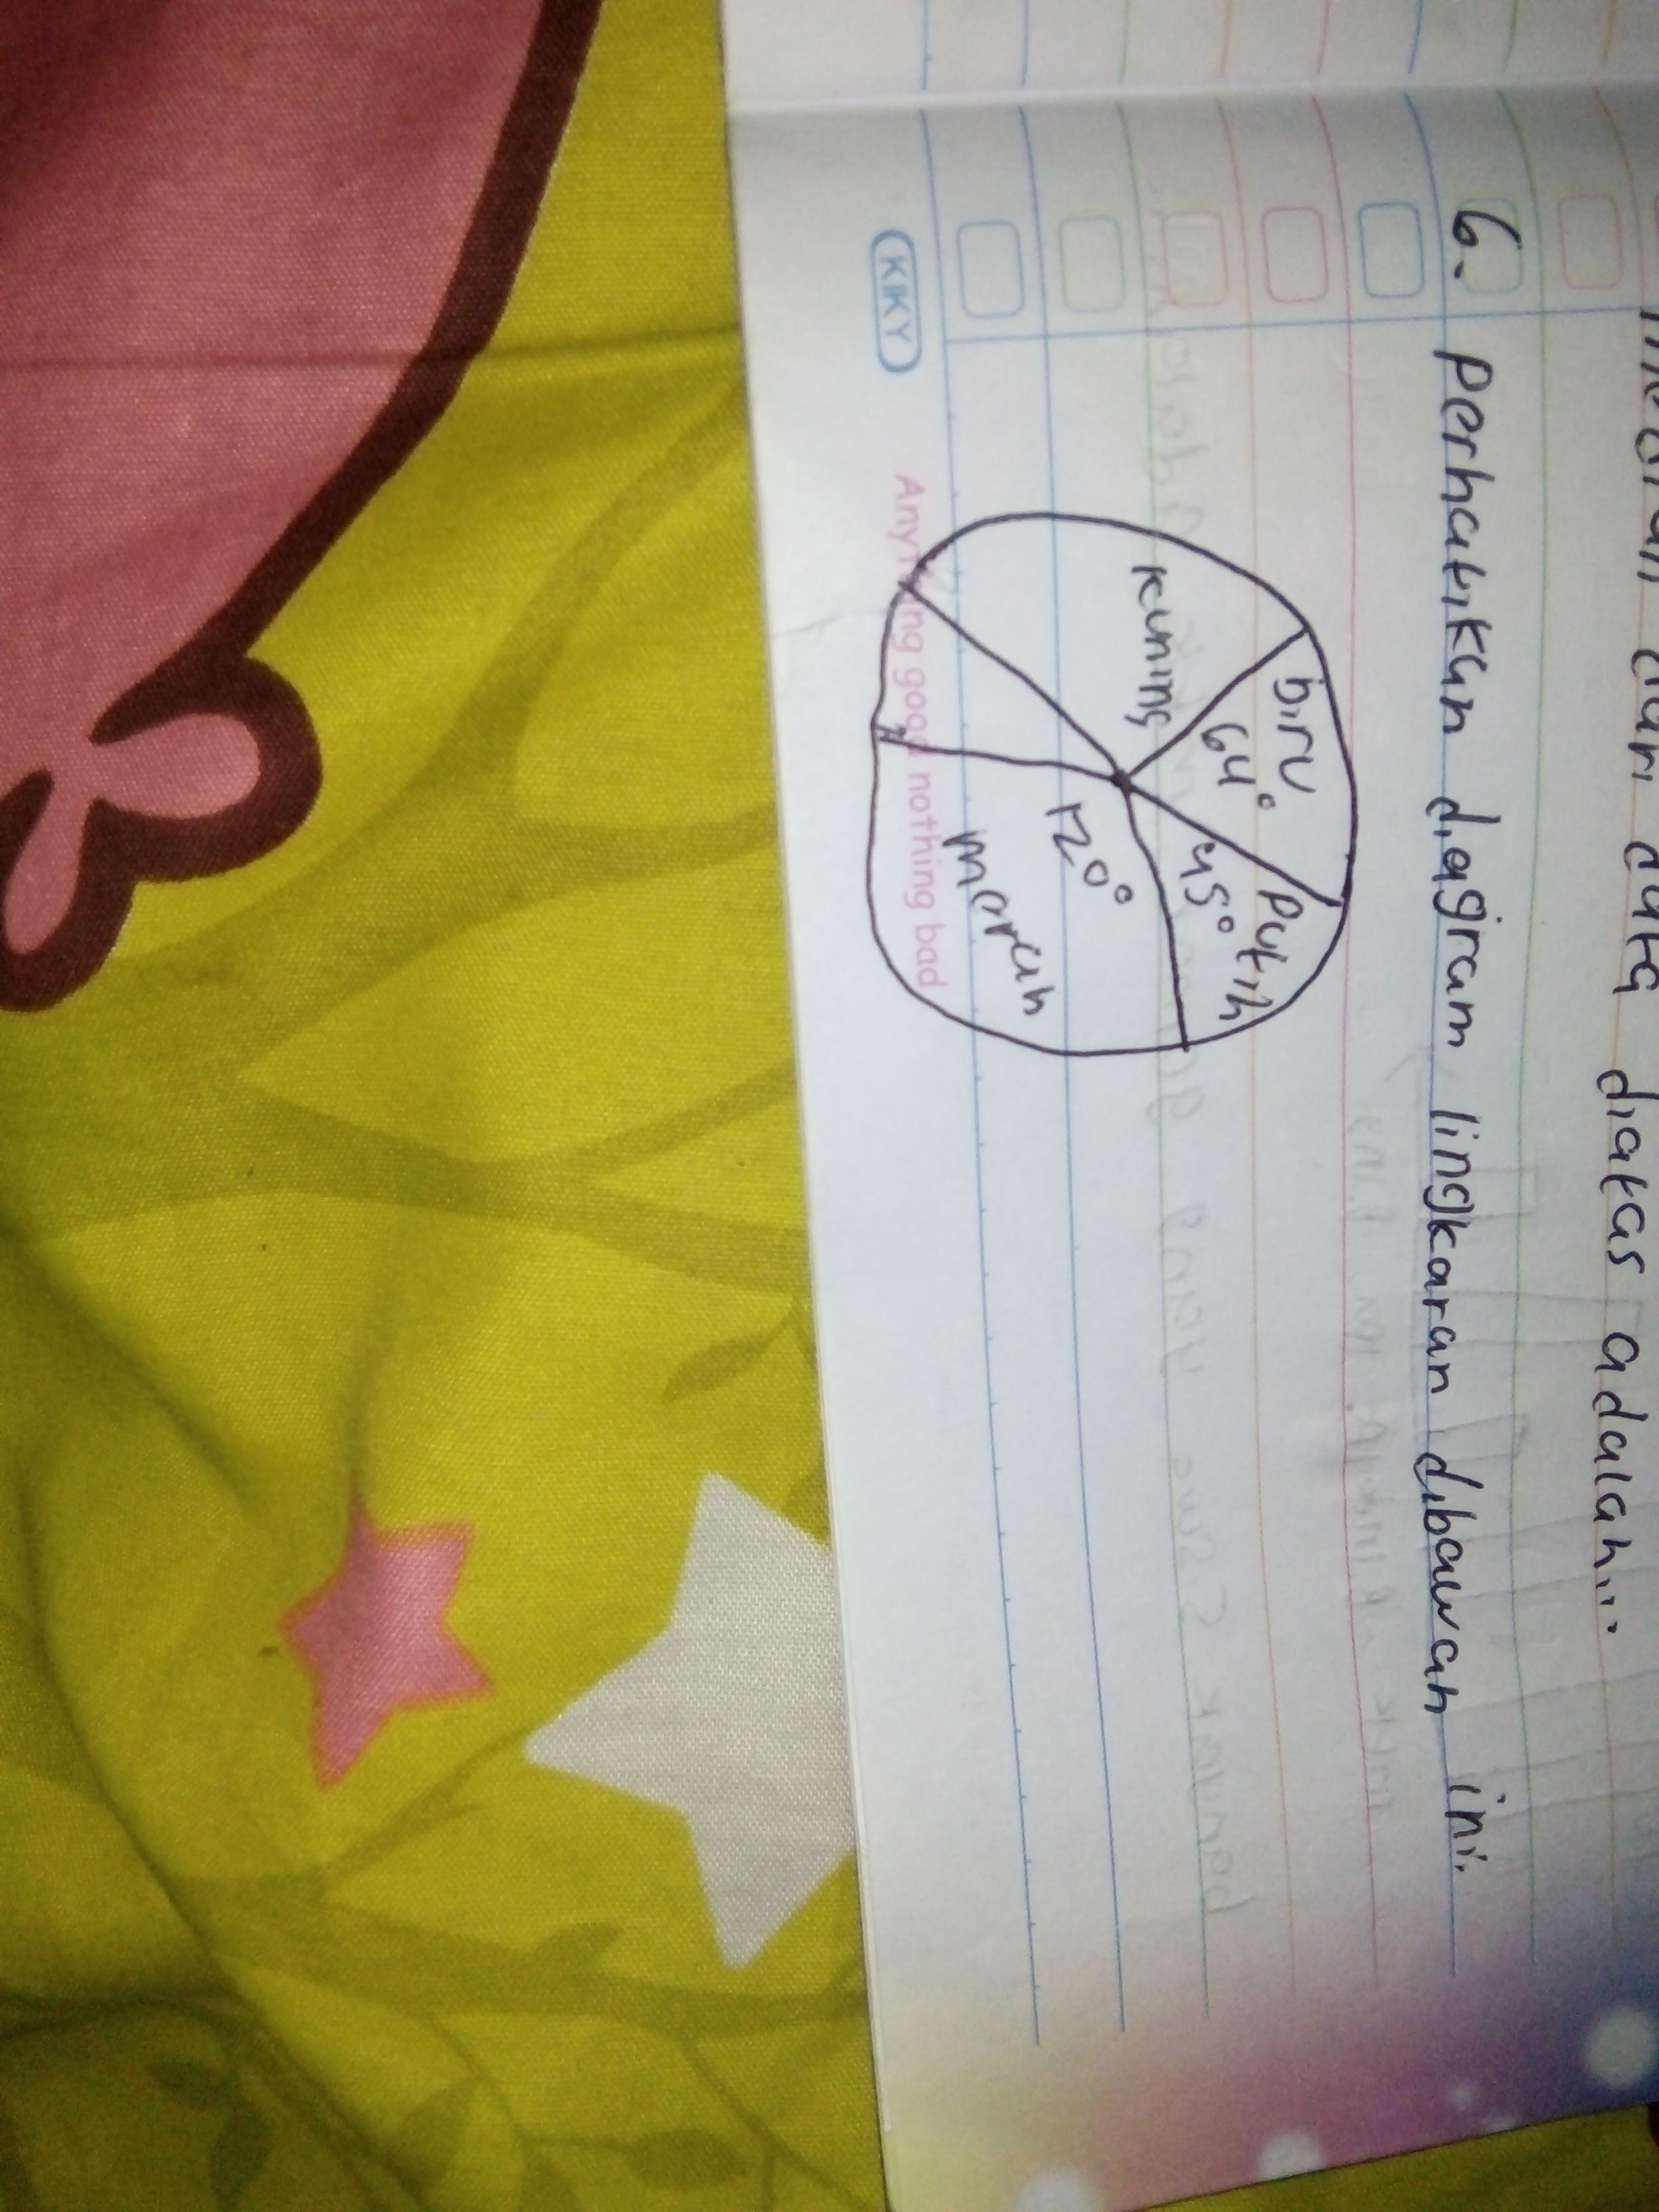 Diagram lingkaran menunjukkan warna kesukaan siswa smp permata siswa diagram lingkaran menunjukkan warna kesukaan siswa smp permata siswa smp permata berjumlah 360 siswa banyak siswa yang menyukai warna kuning adalah ccuart Gallery